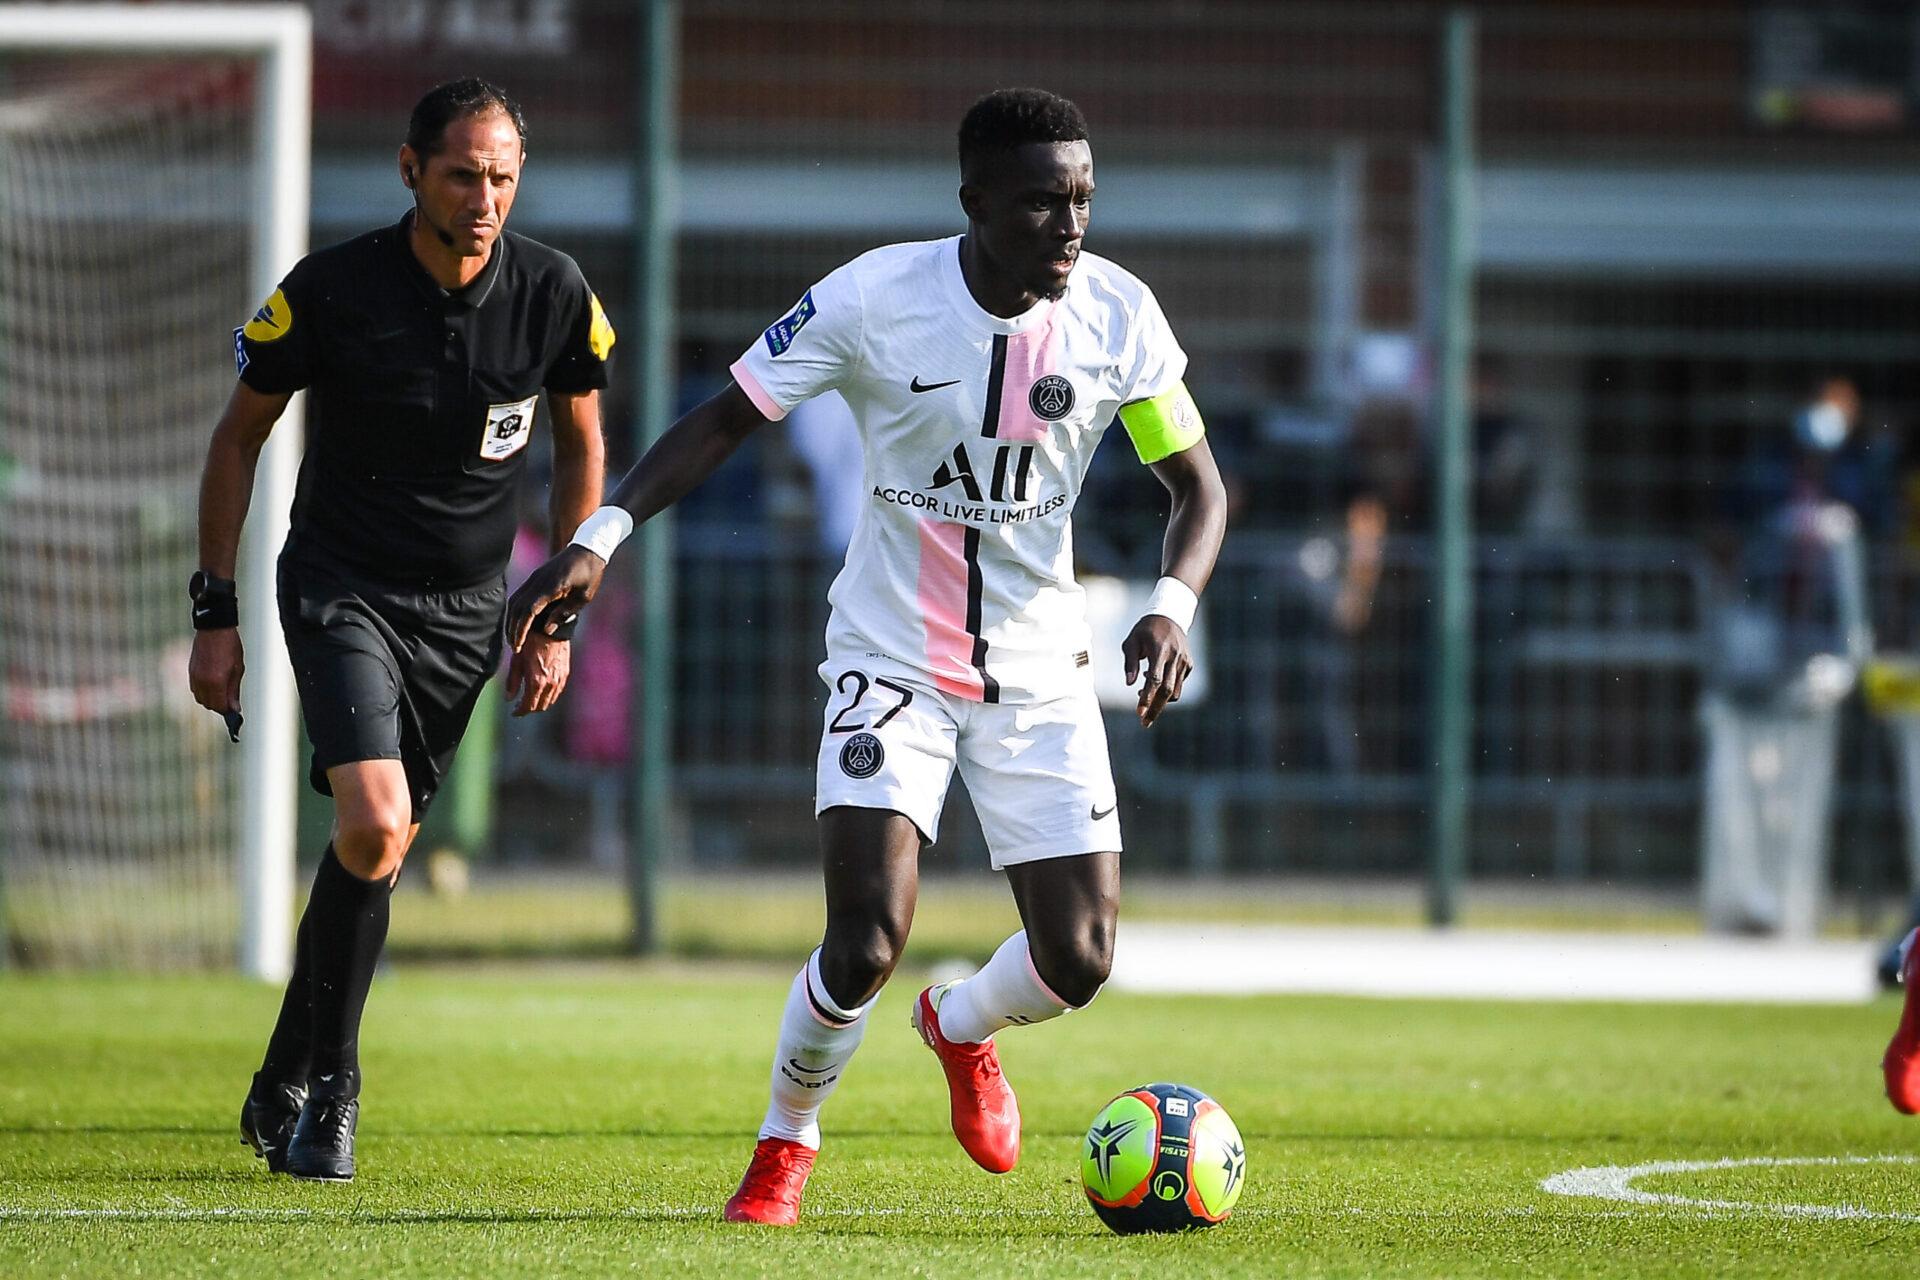 Idrissa Gana Gueye était le capitaine du Paris Saint-Germain lors des matches de préparation. Icon Sport